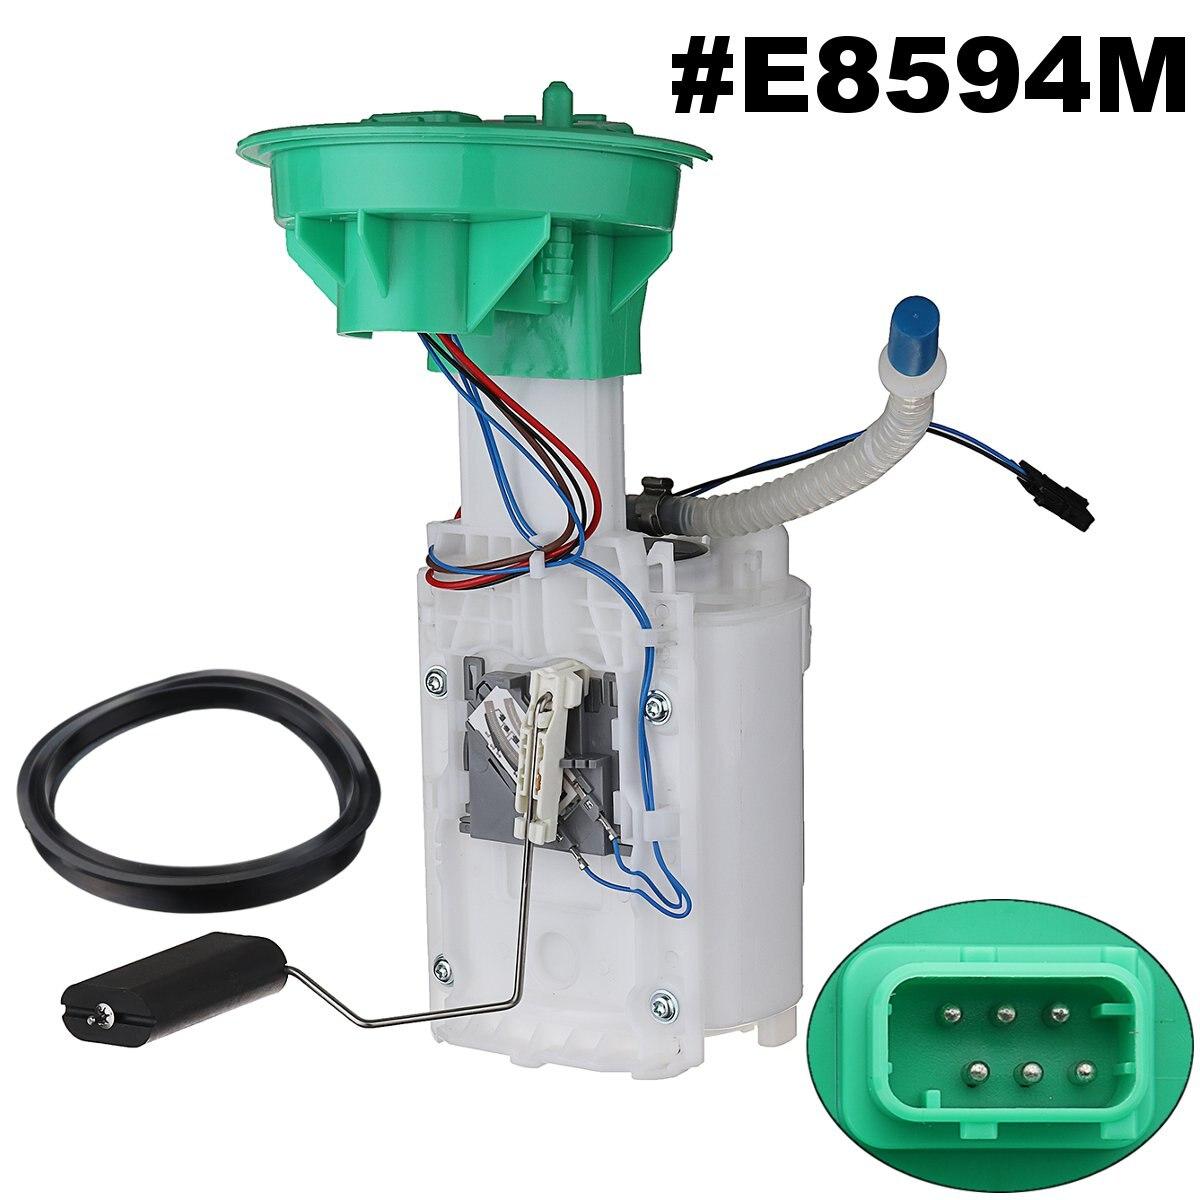 # E8594M ensemble de Module de pompe à carburant électrique de voiture et capteur de niveau de carburant pour BMW pour Mini-Cooper 2002 2003 2004